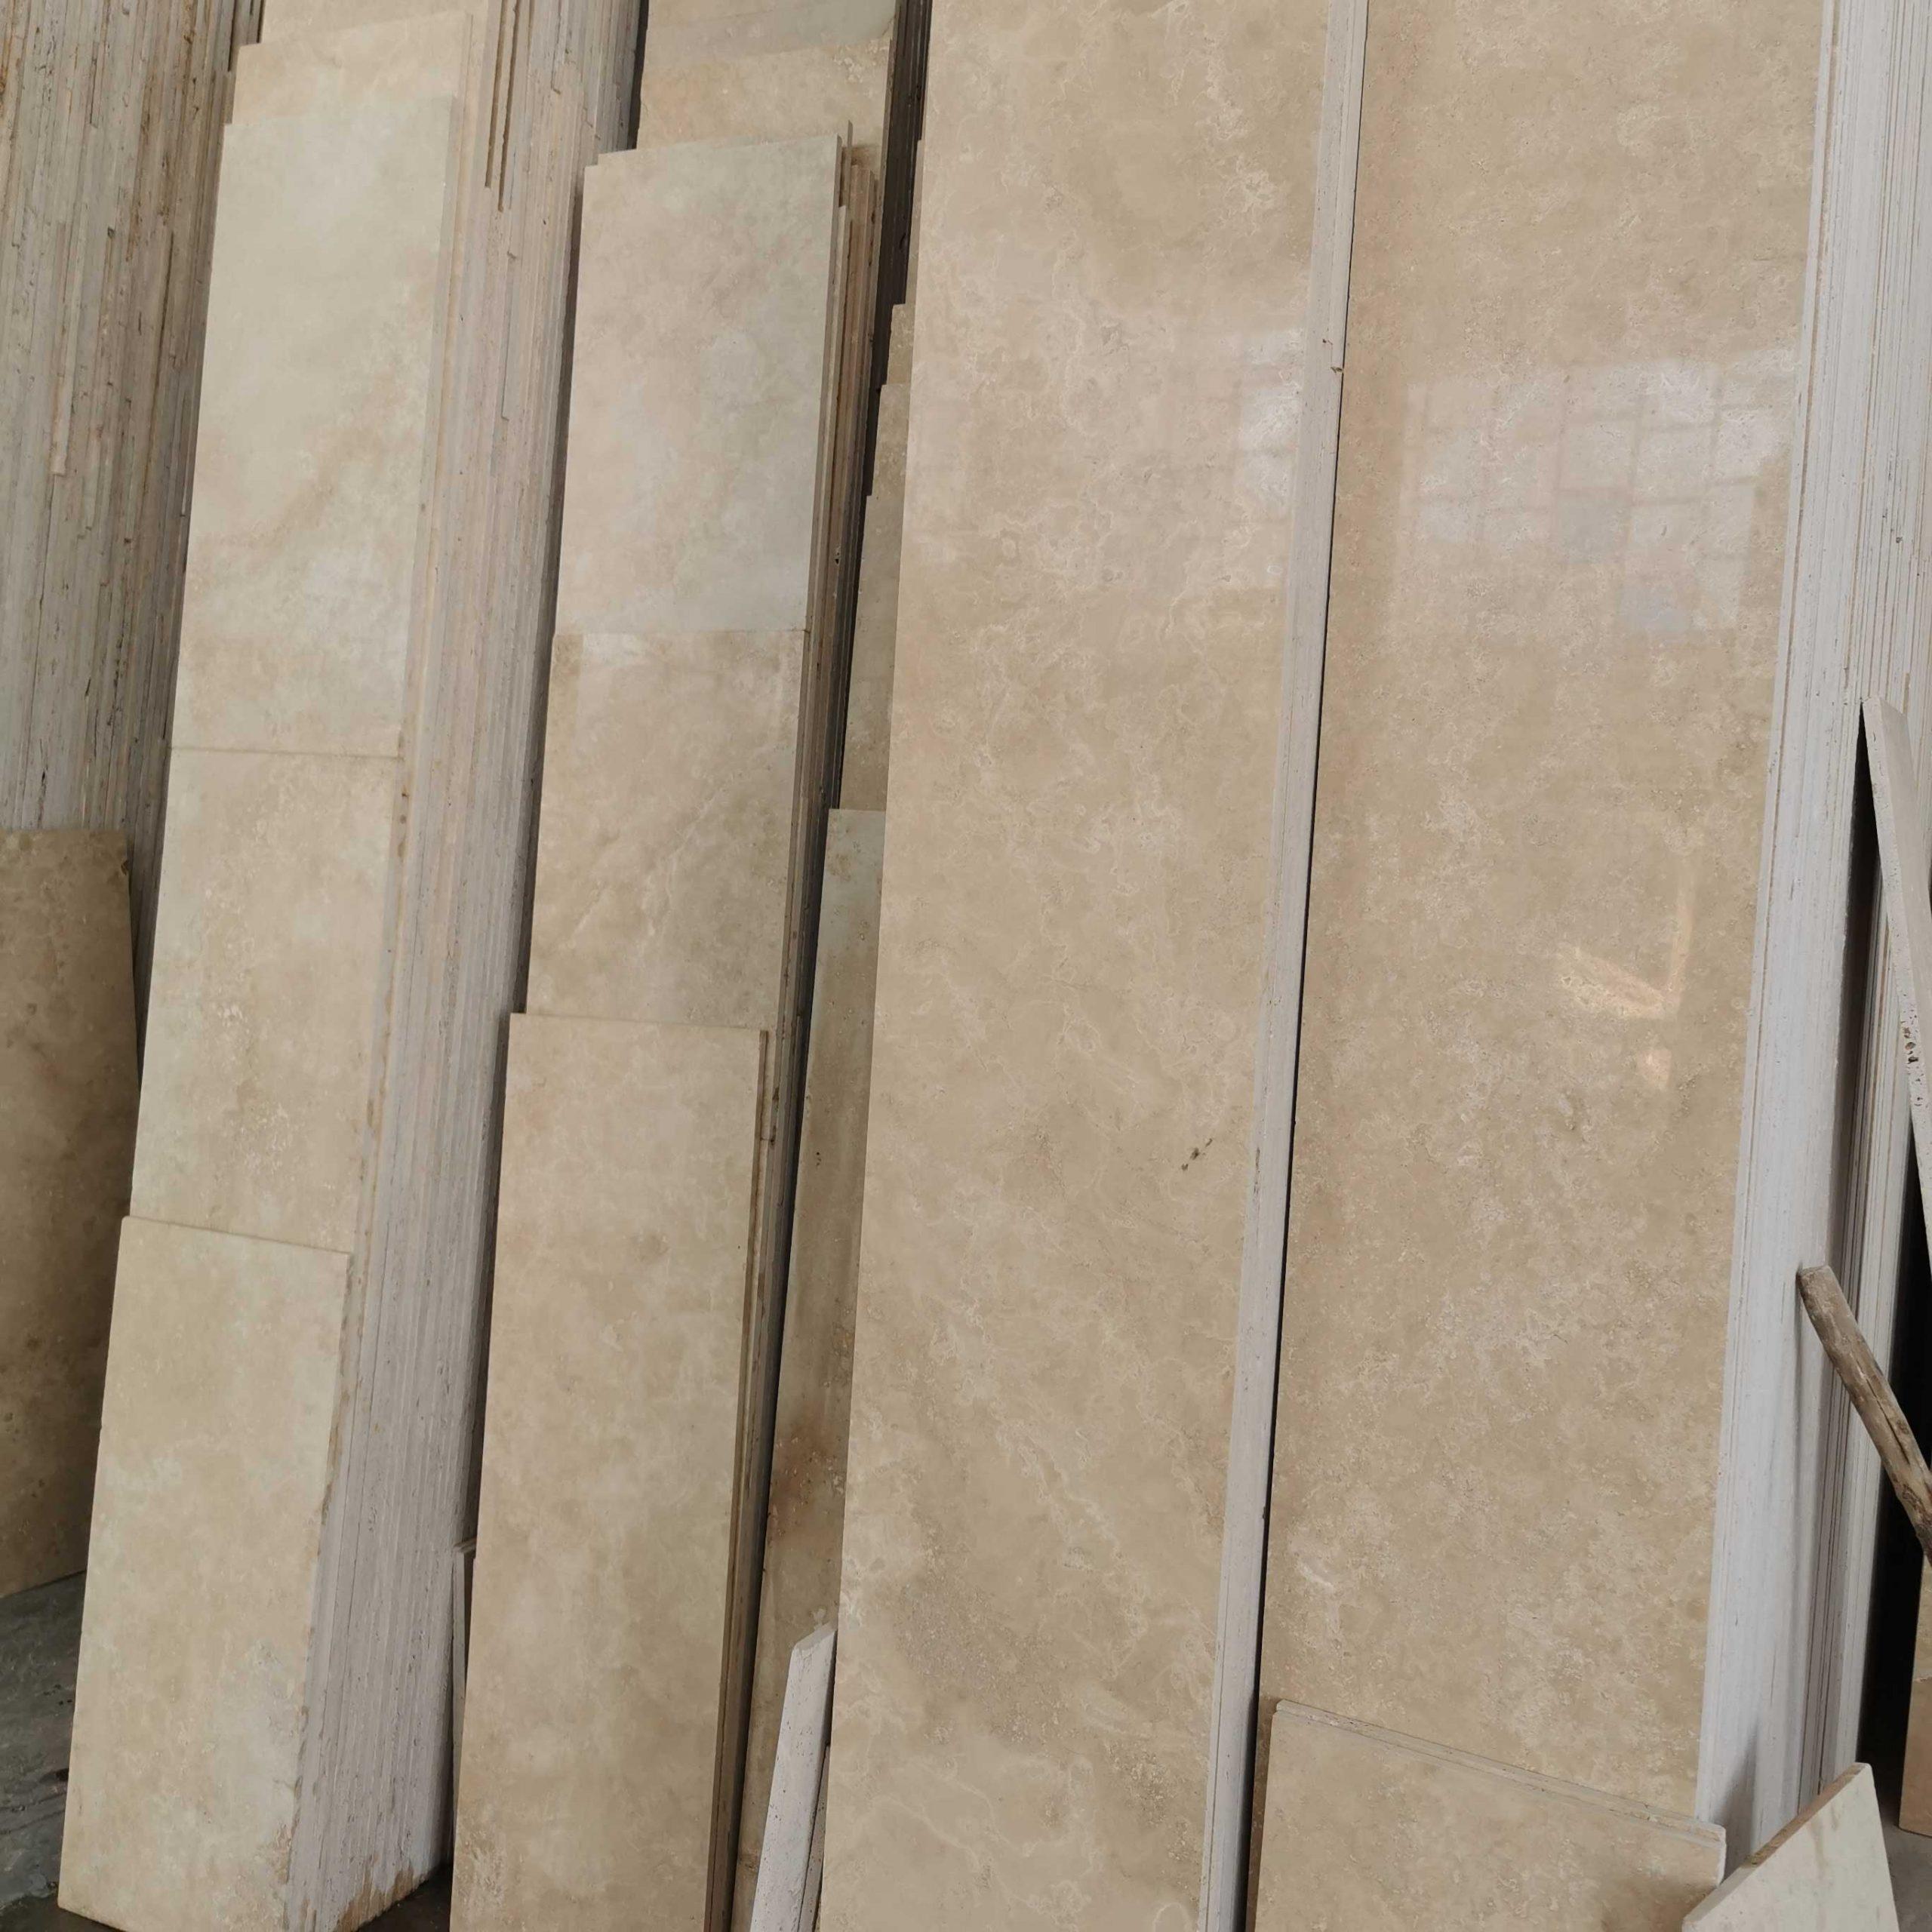 سنگ تراورتن محلات سفید سوپر – گالری 3